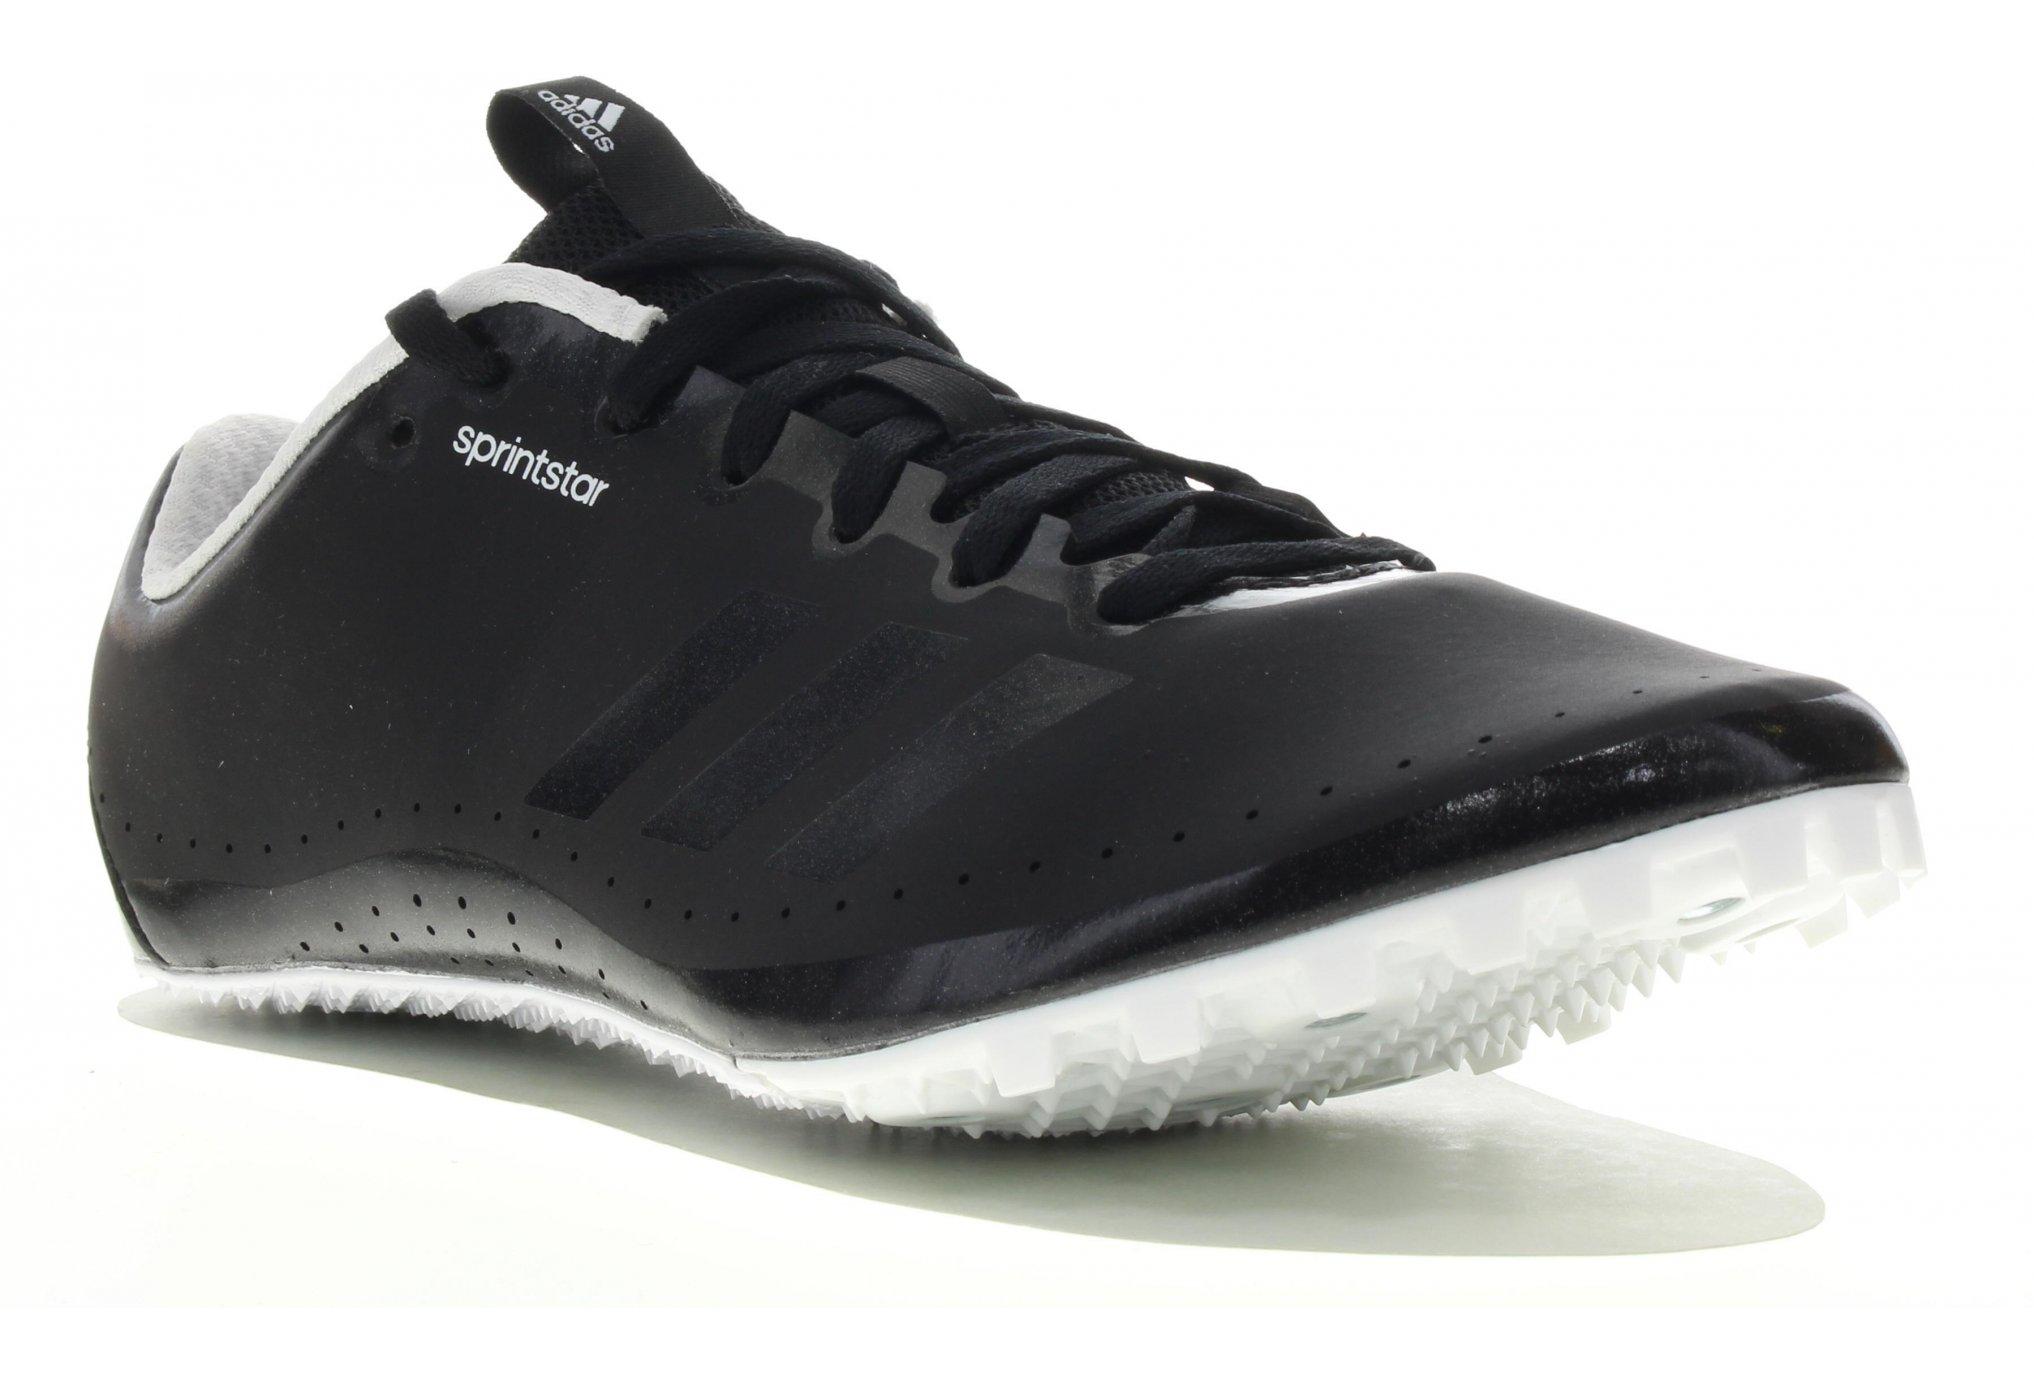 adidas Sprintstar W Chaussures running femme